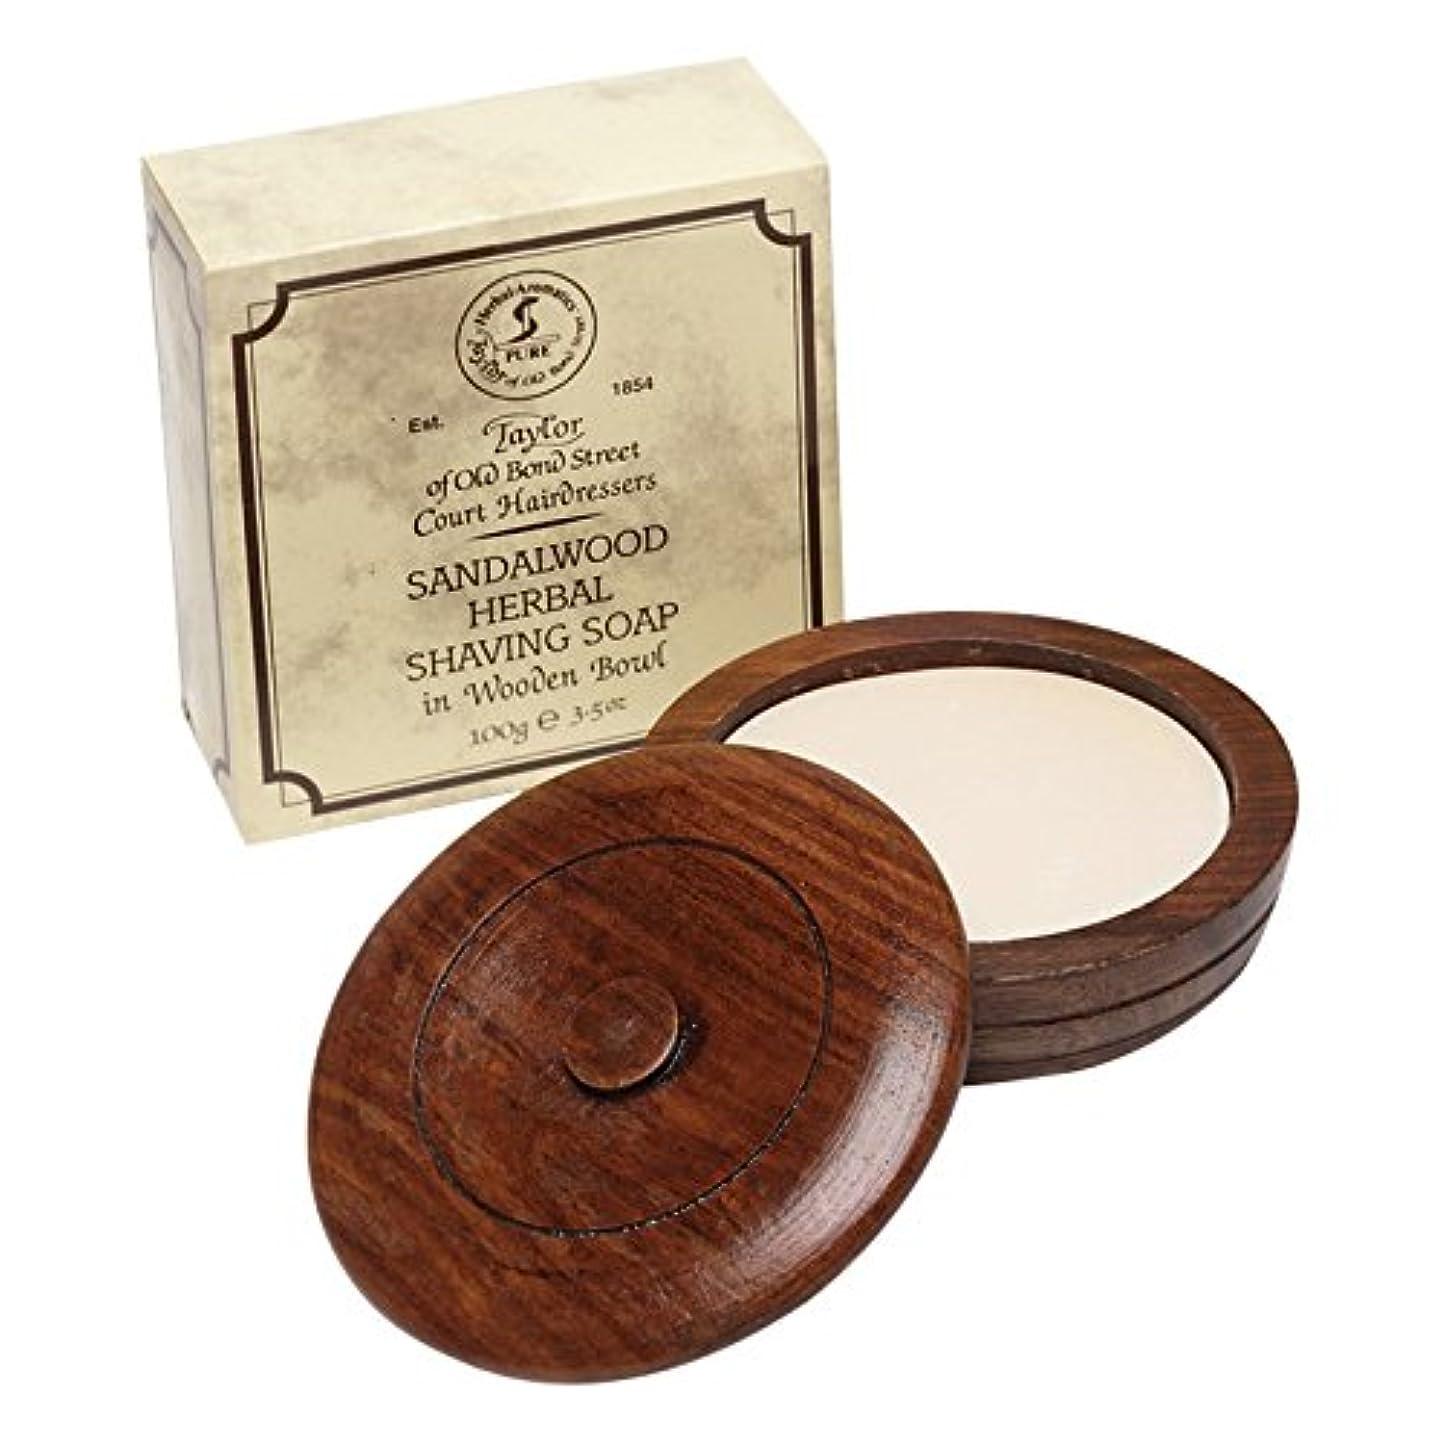 スリム不幸出血木製のボウル100グラム古いボンド?ストリート白檀シェービングソープのテイラー (Taylor of Old Bond Street) - Taylor of Old Bond Street Sandalwood Shaving Soap with Wooden Bowl 100g [並行輸入品]